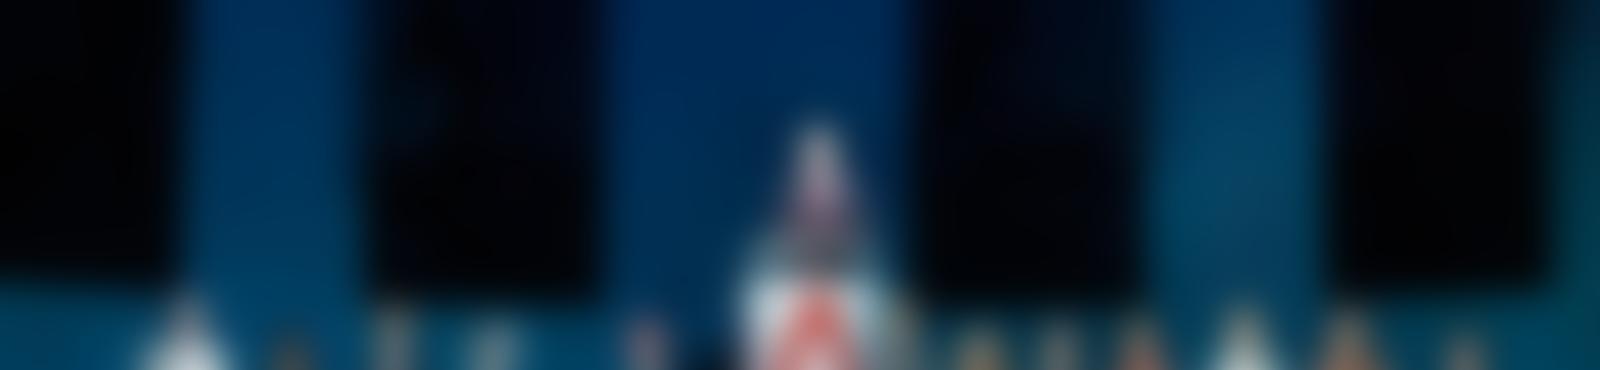 Blurred ff300c15 86b0 4191 b17a a99f1cd54dd3